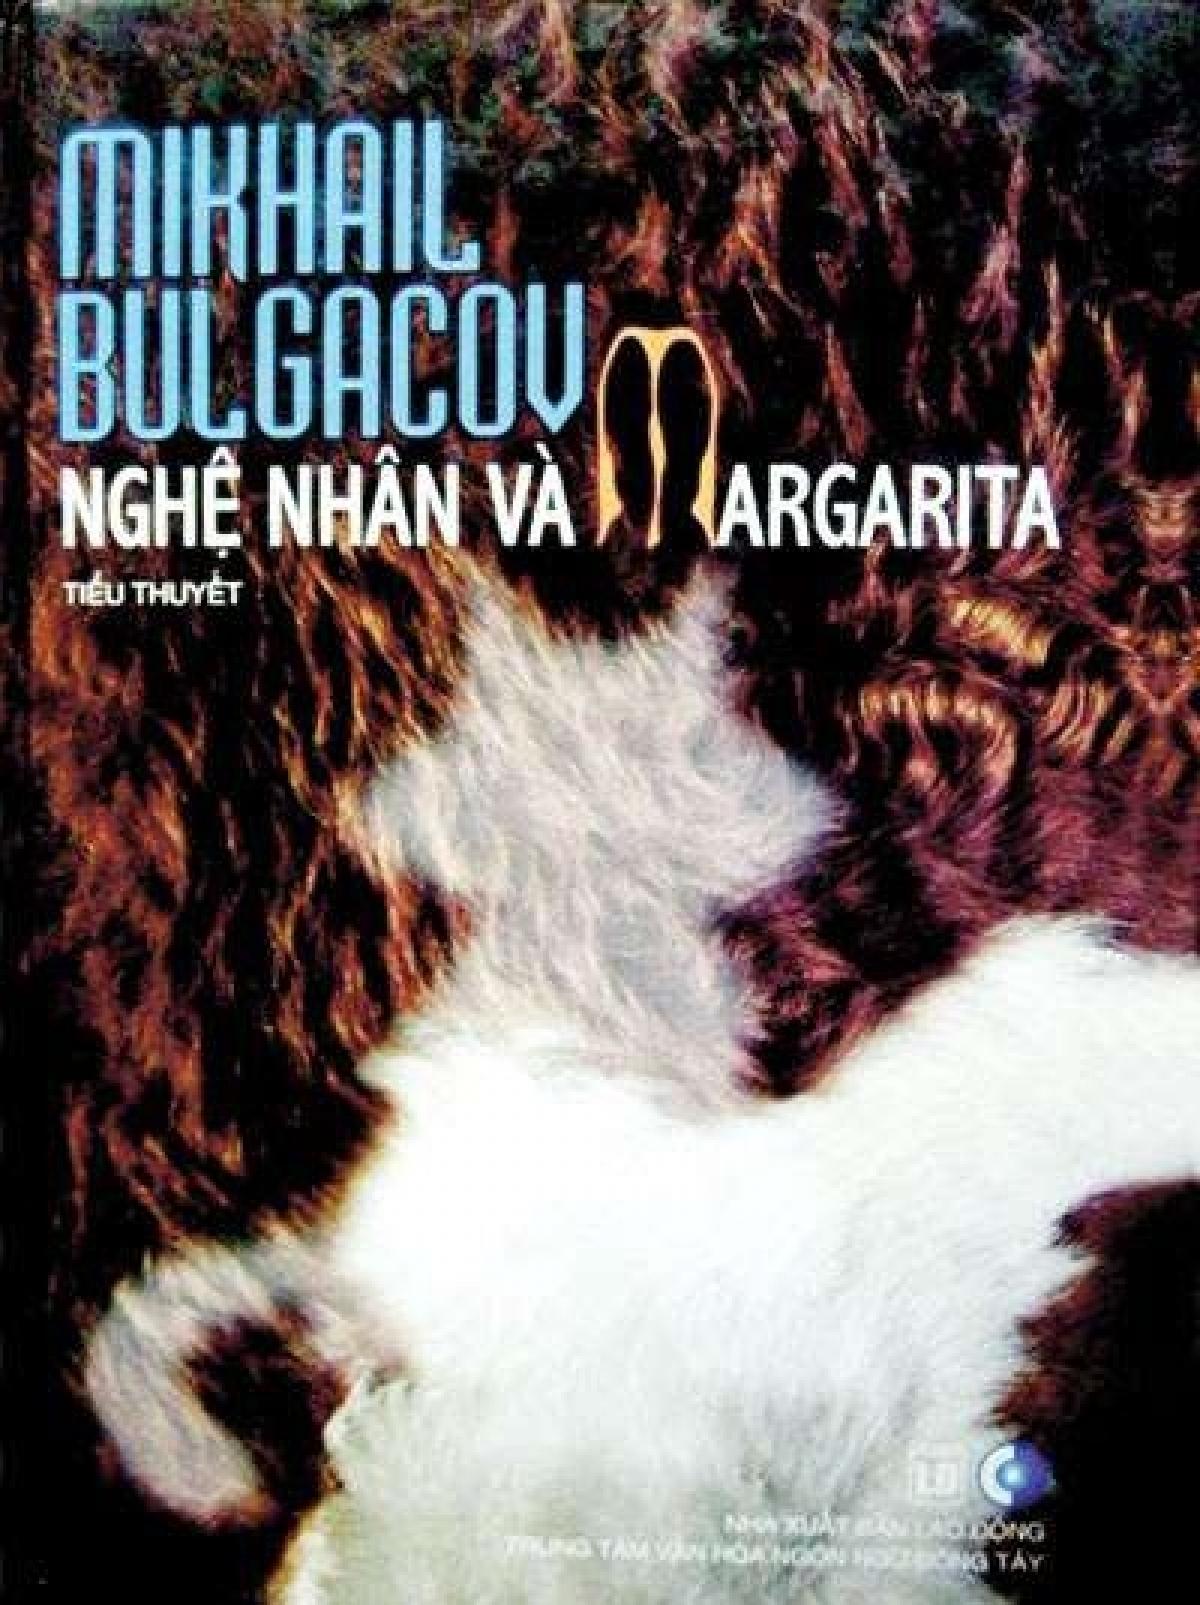 """Cuốn """"Nghệ nhân và Margarita"""" do Đoàn Tử Huyến dịch, Nhà xuất bản Lao Động liên kết Trung tâm Văn hóa ngôn ngữ Đông Tây ấn hành. Đây là cuốn tiểu thuyết tiêu biểu trong sự nghiệp dịch thuật của ông. Ảnh: Đông Tây."""